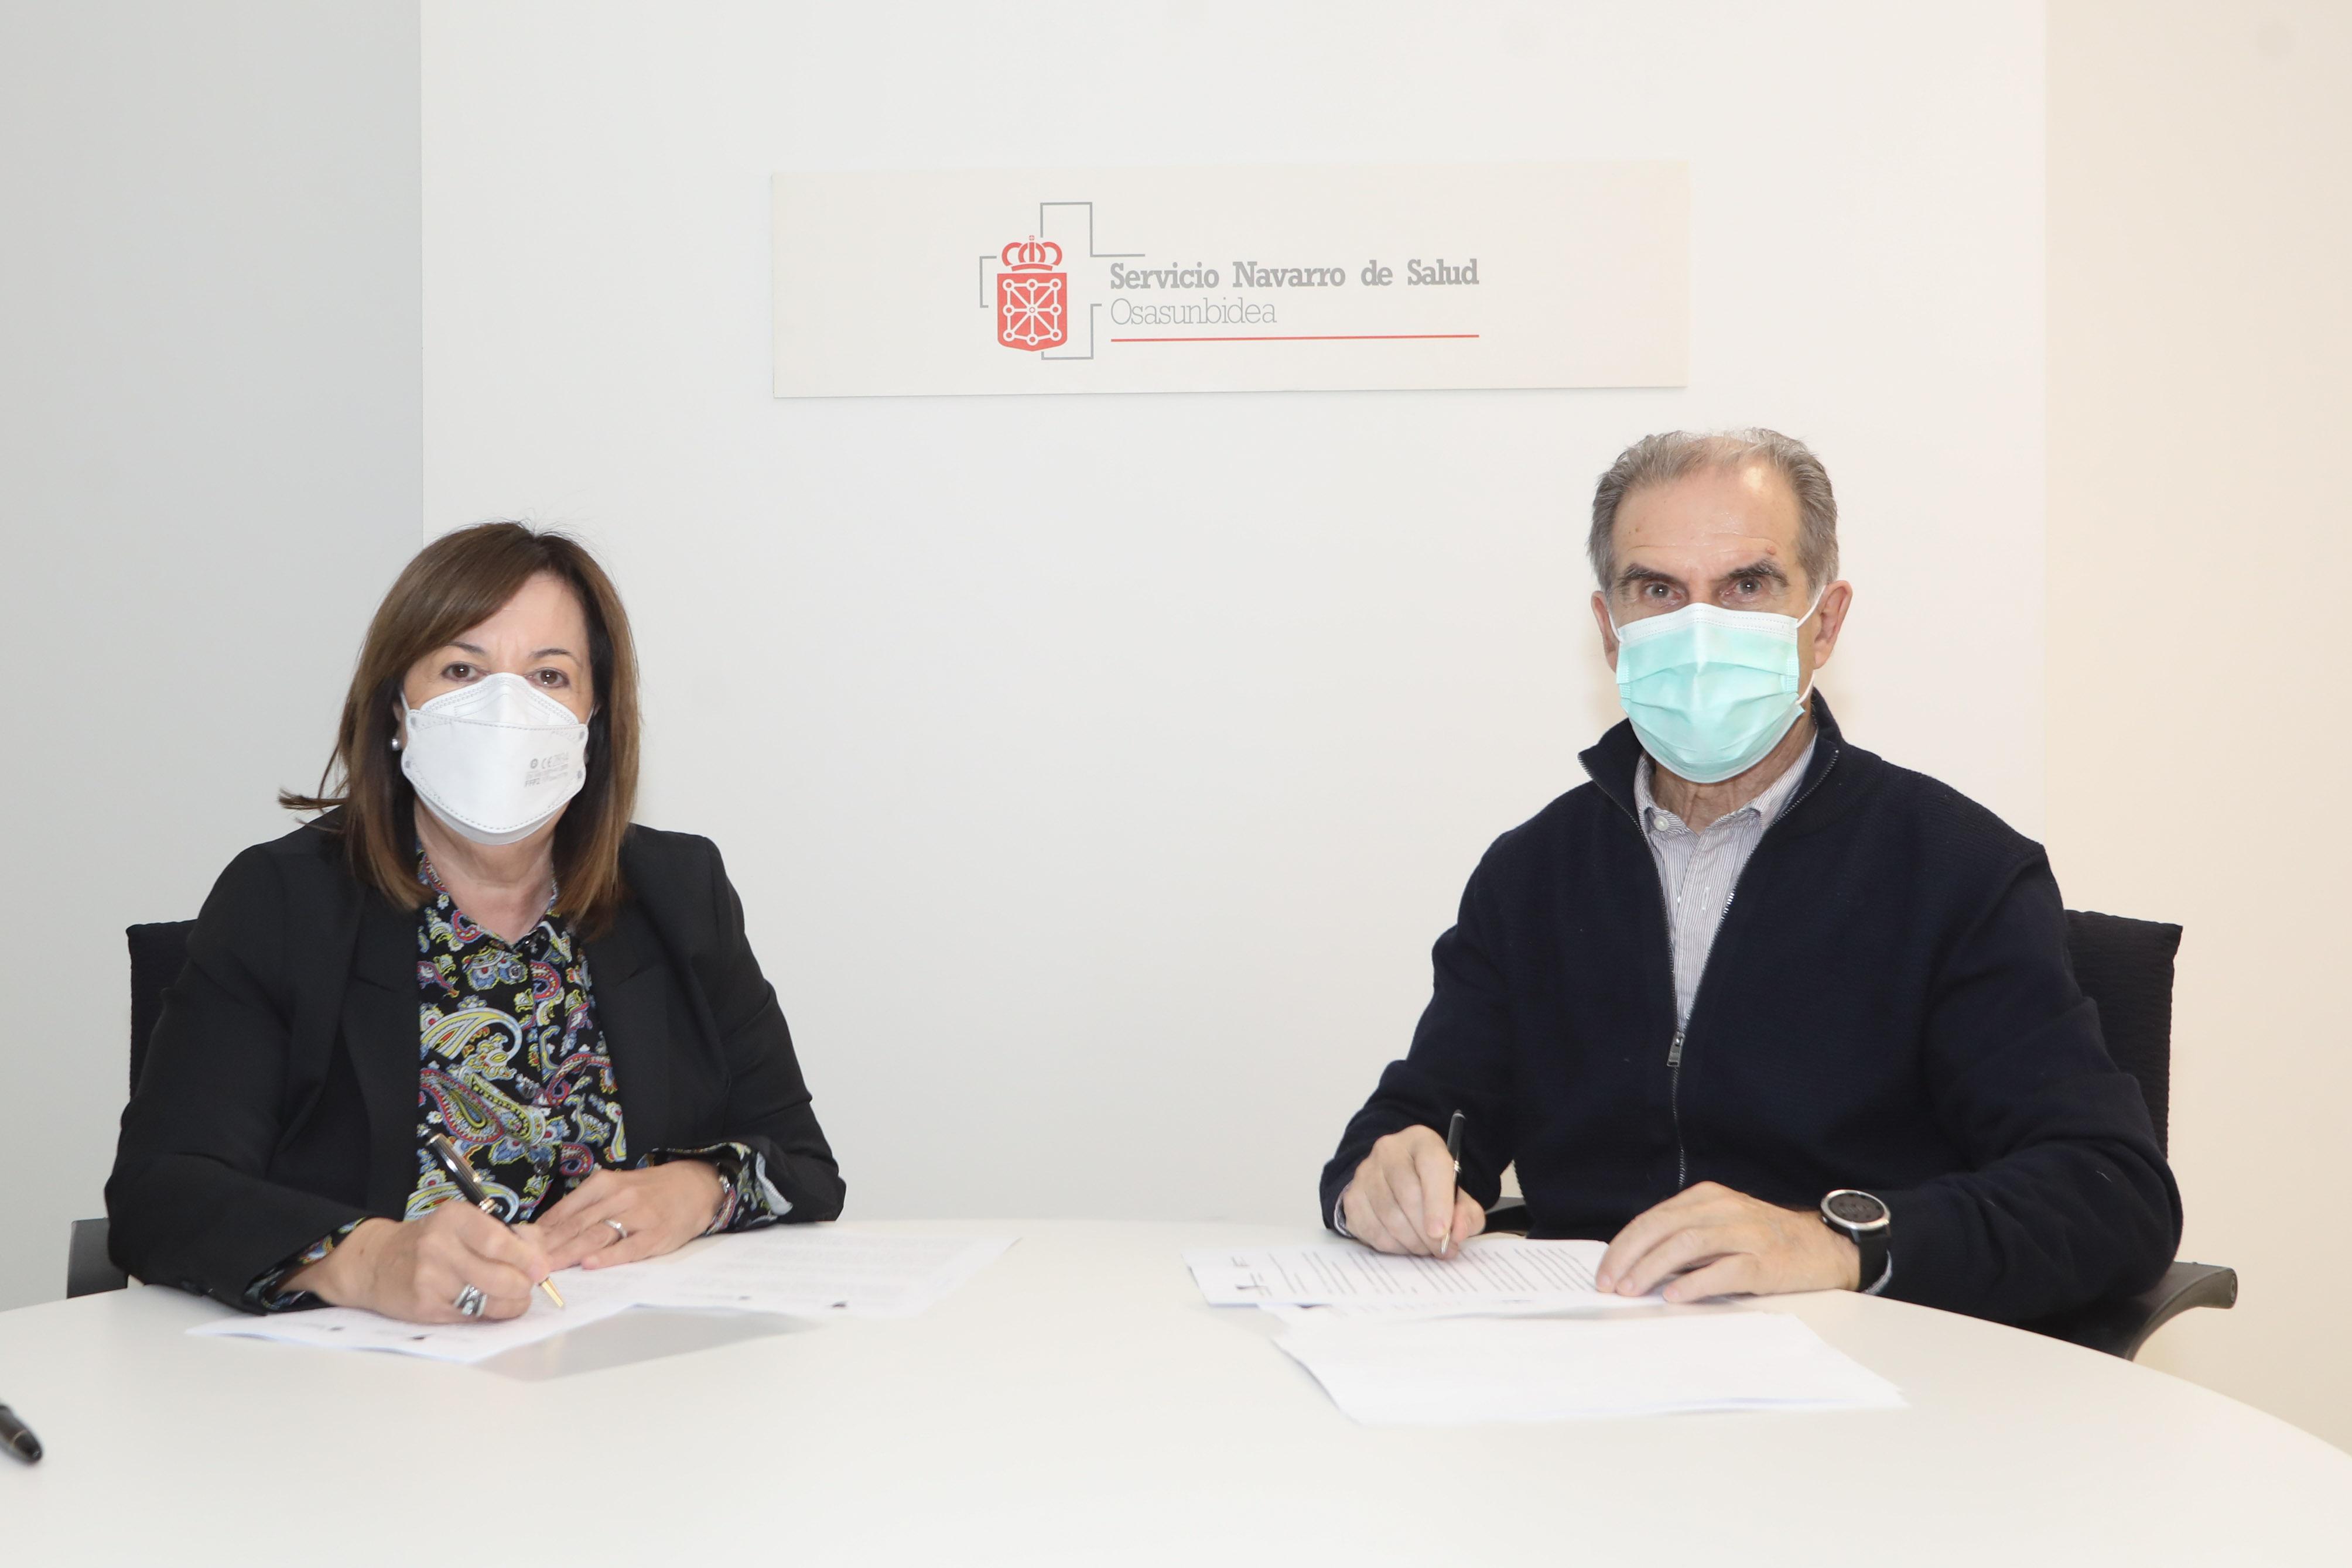 Los sanitarios de Navarra recibirán atención psicológica frente a situaciones de crisis derivadas de la pandemia del COVID-19